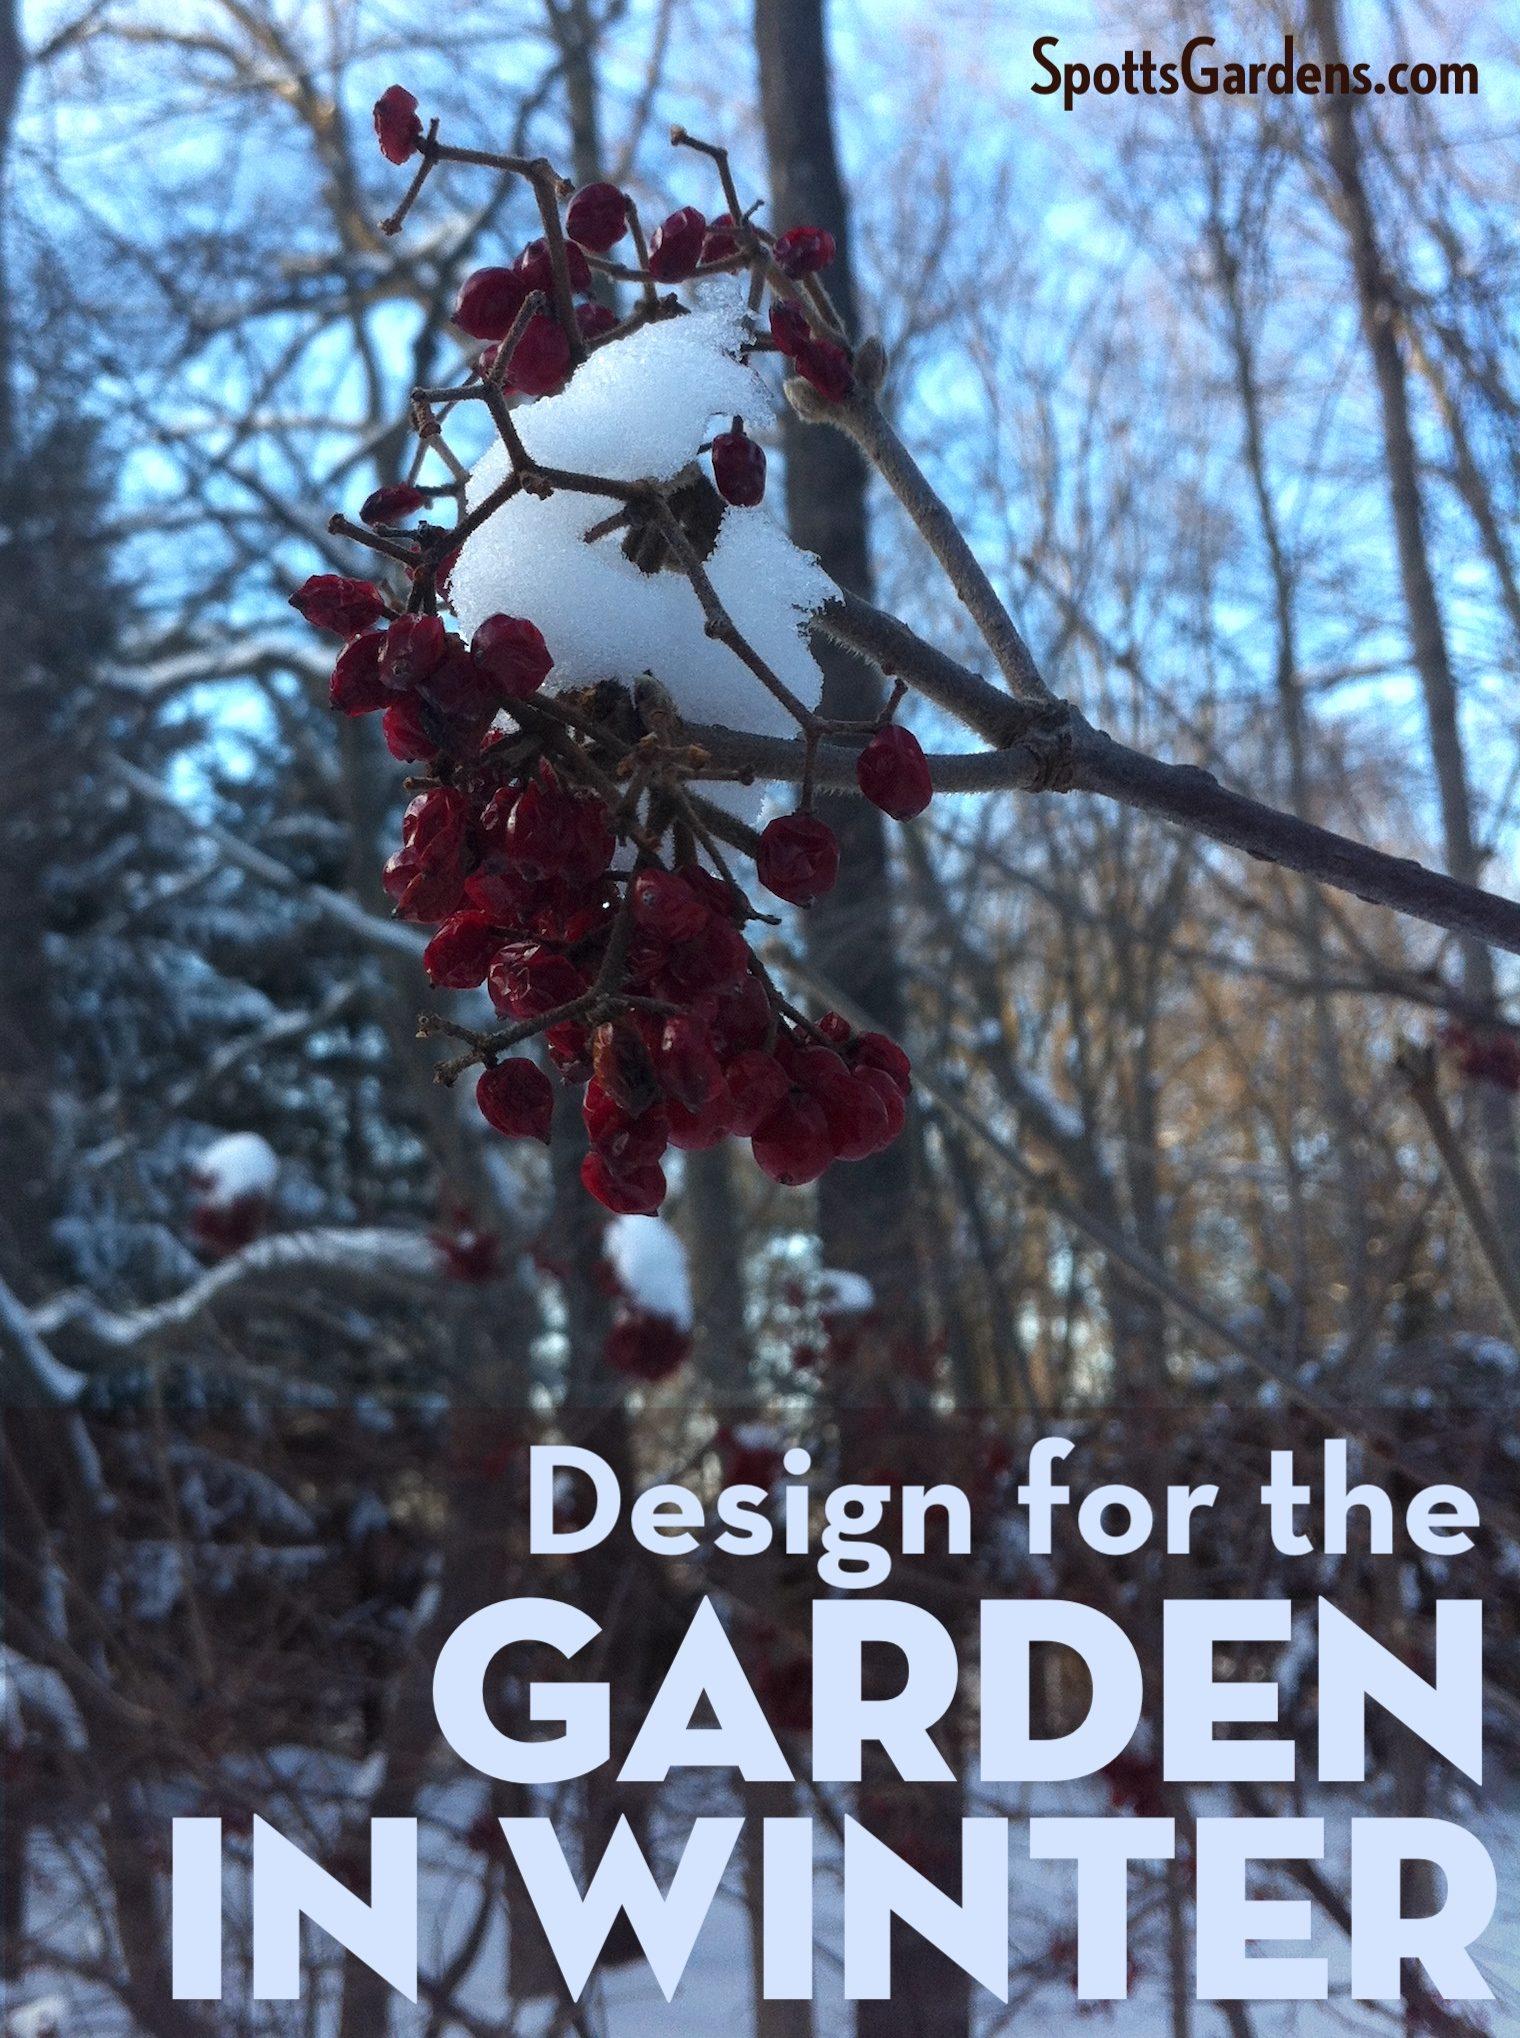 Design for the garden in winter